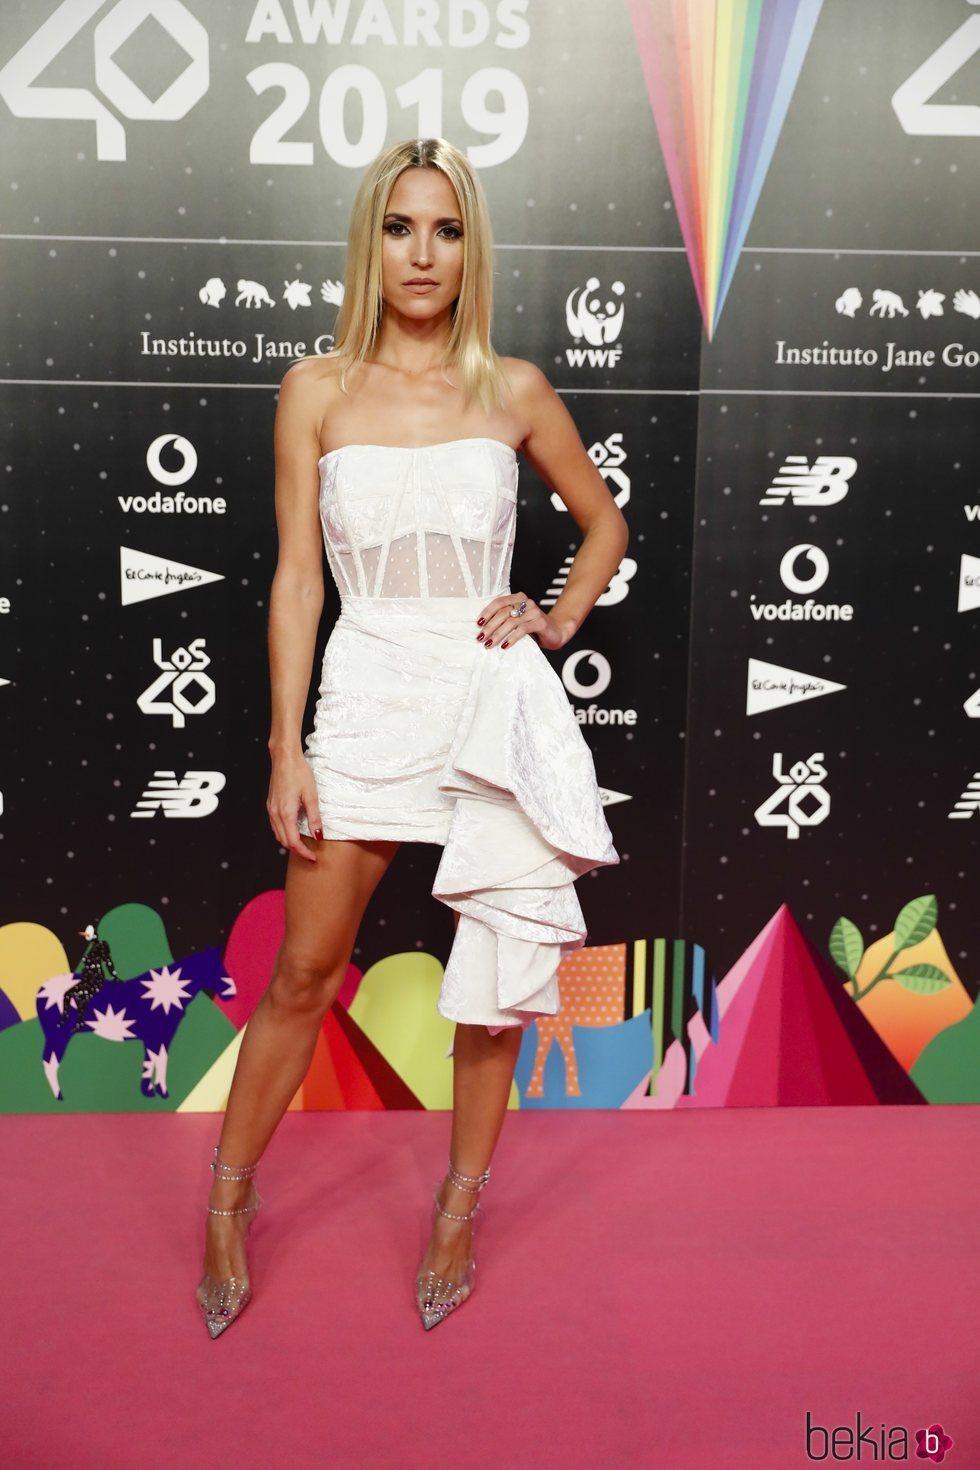 Ana Fernández en la cena de los nominados de Los 40 Music Awards 2019